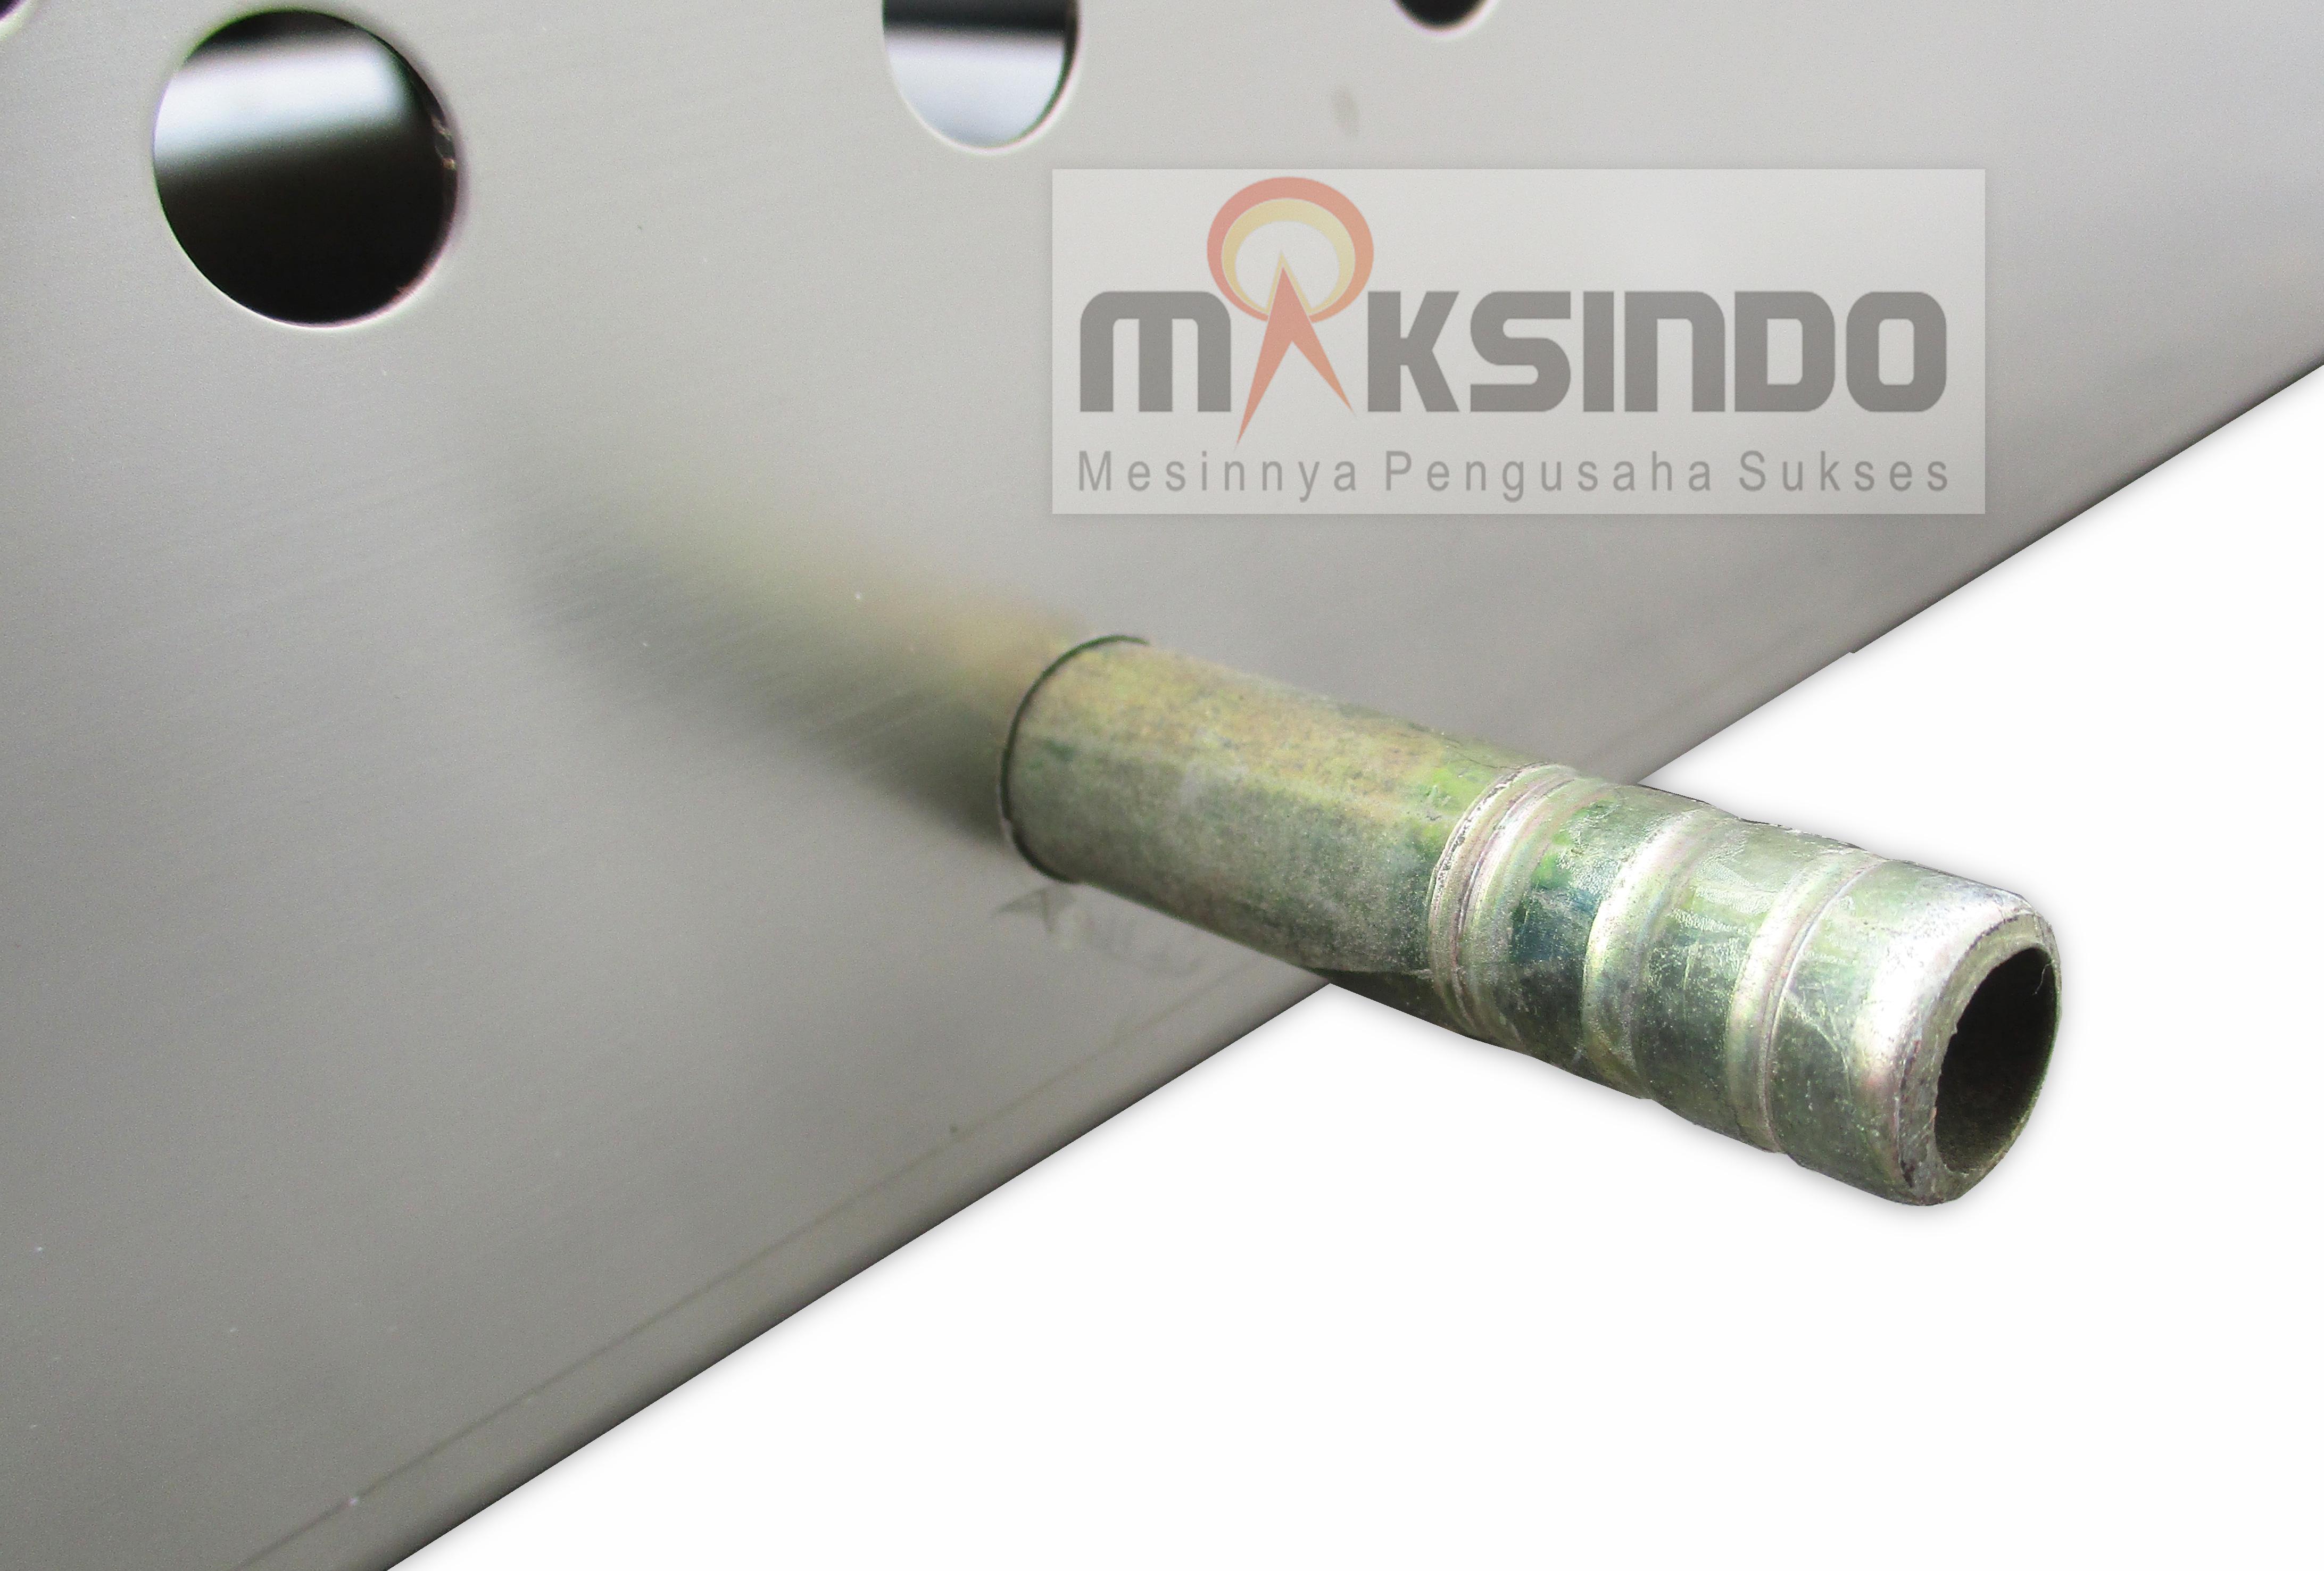 MKS-MPC50 VERSI 3